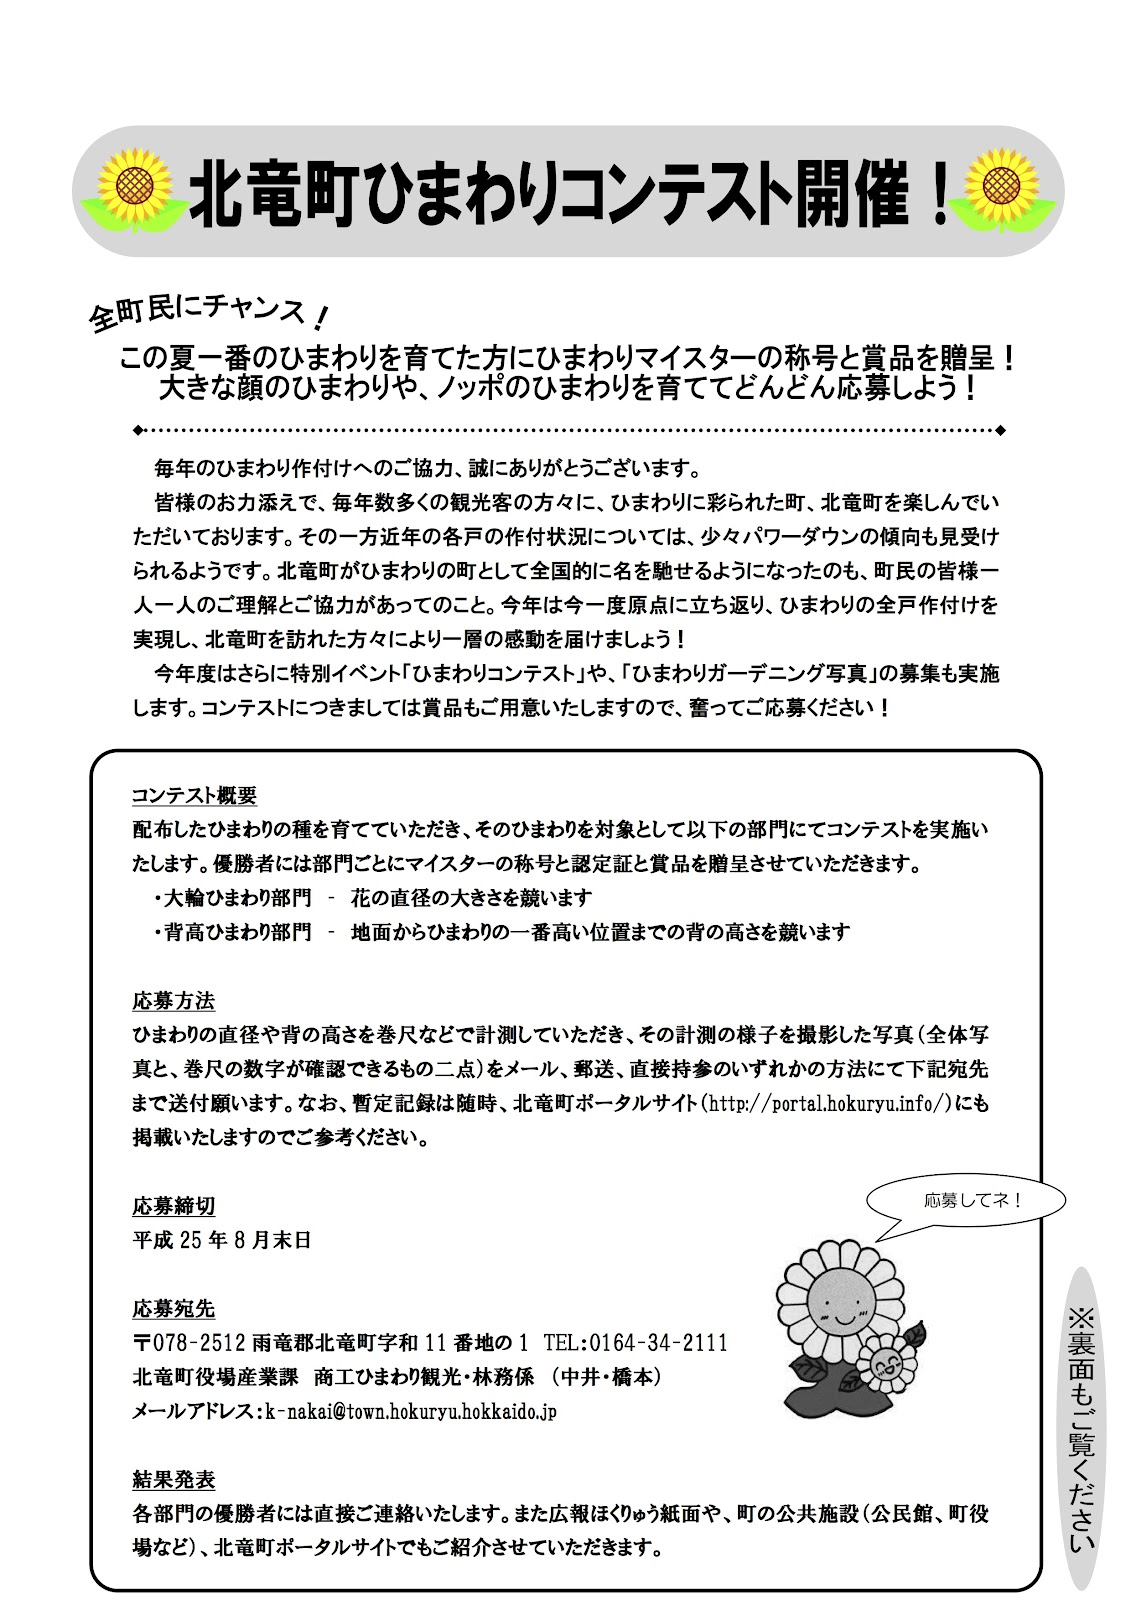 ひまわりコンテスト 2013